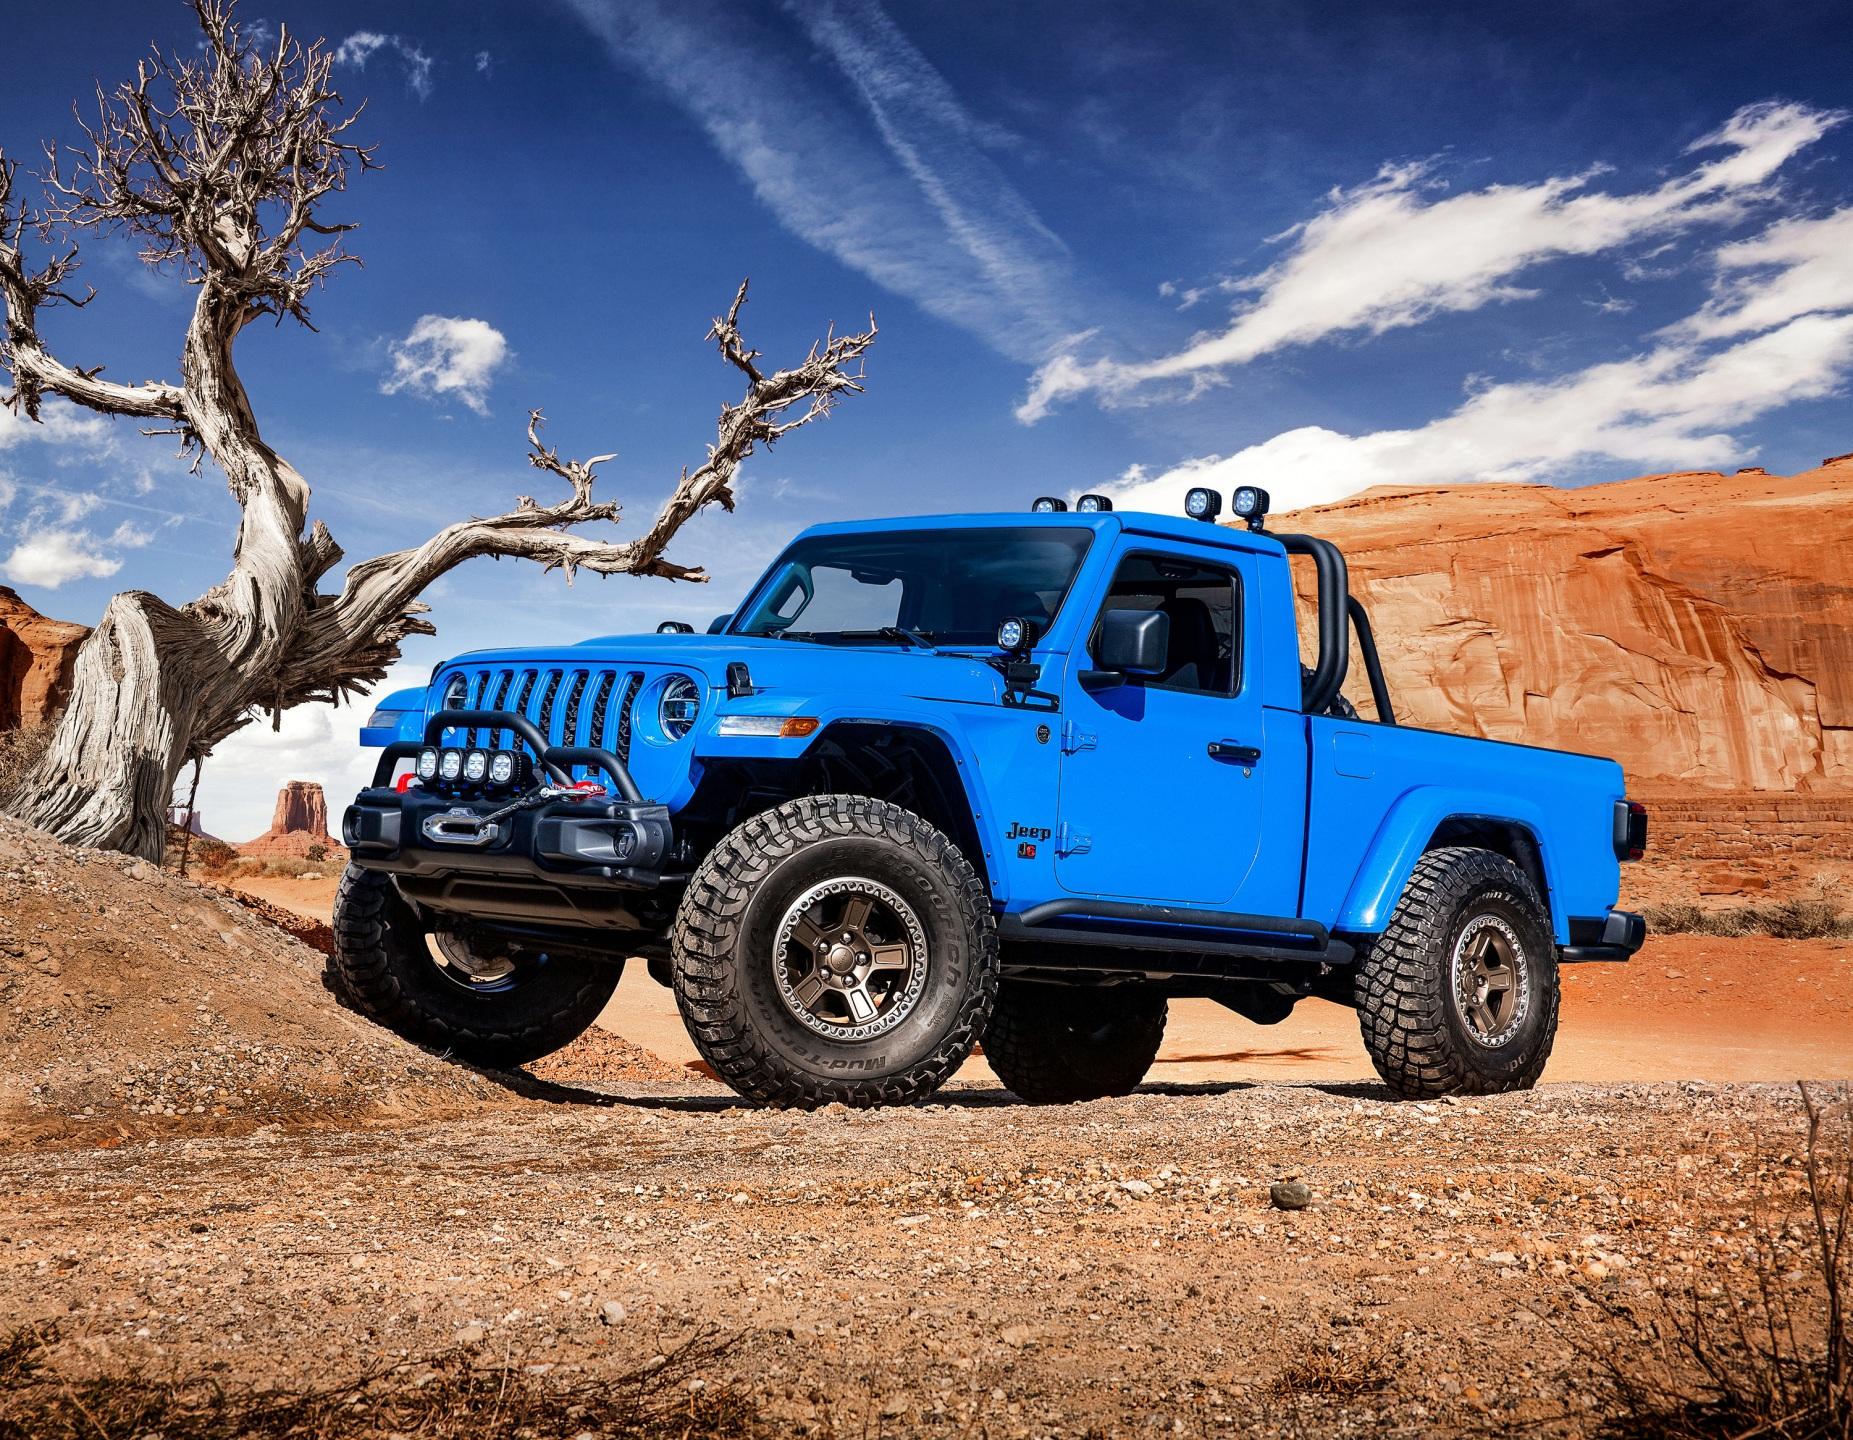 Картинки Джип 2019 J6 Пикап кузов Голубой Автомобили 1853x1440 Jeep голубых голубые голубая Авто Машины